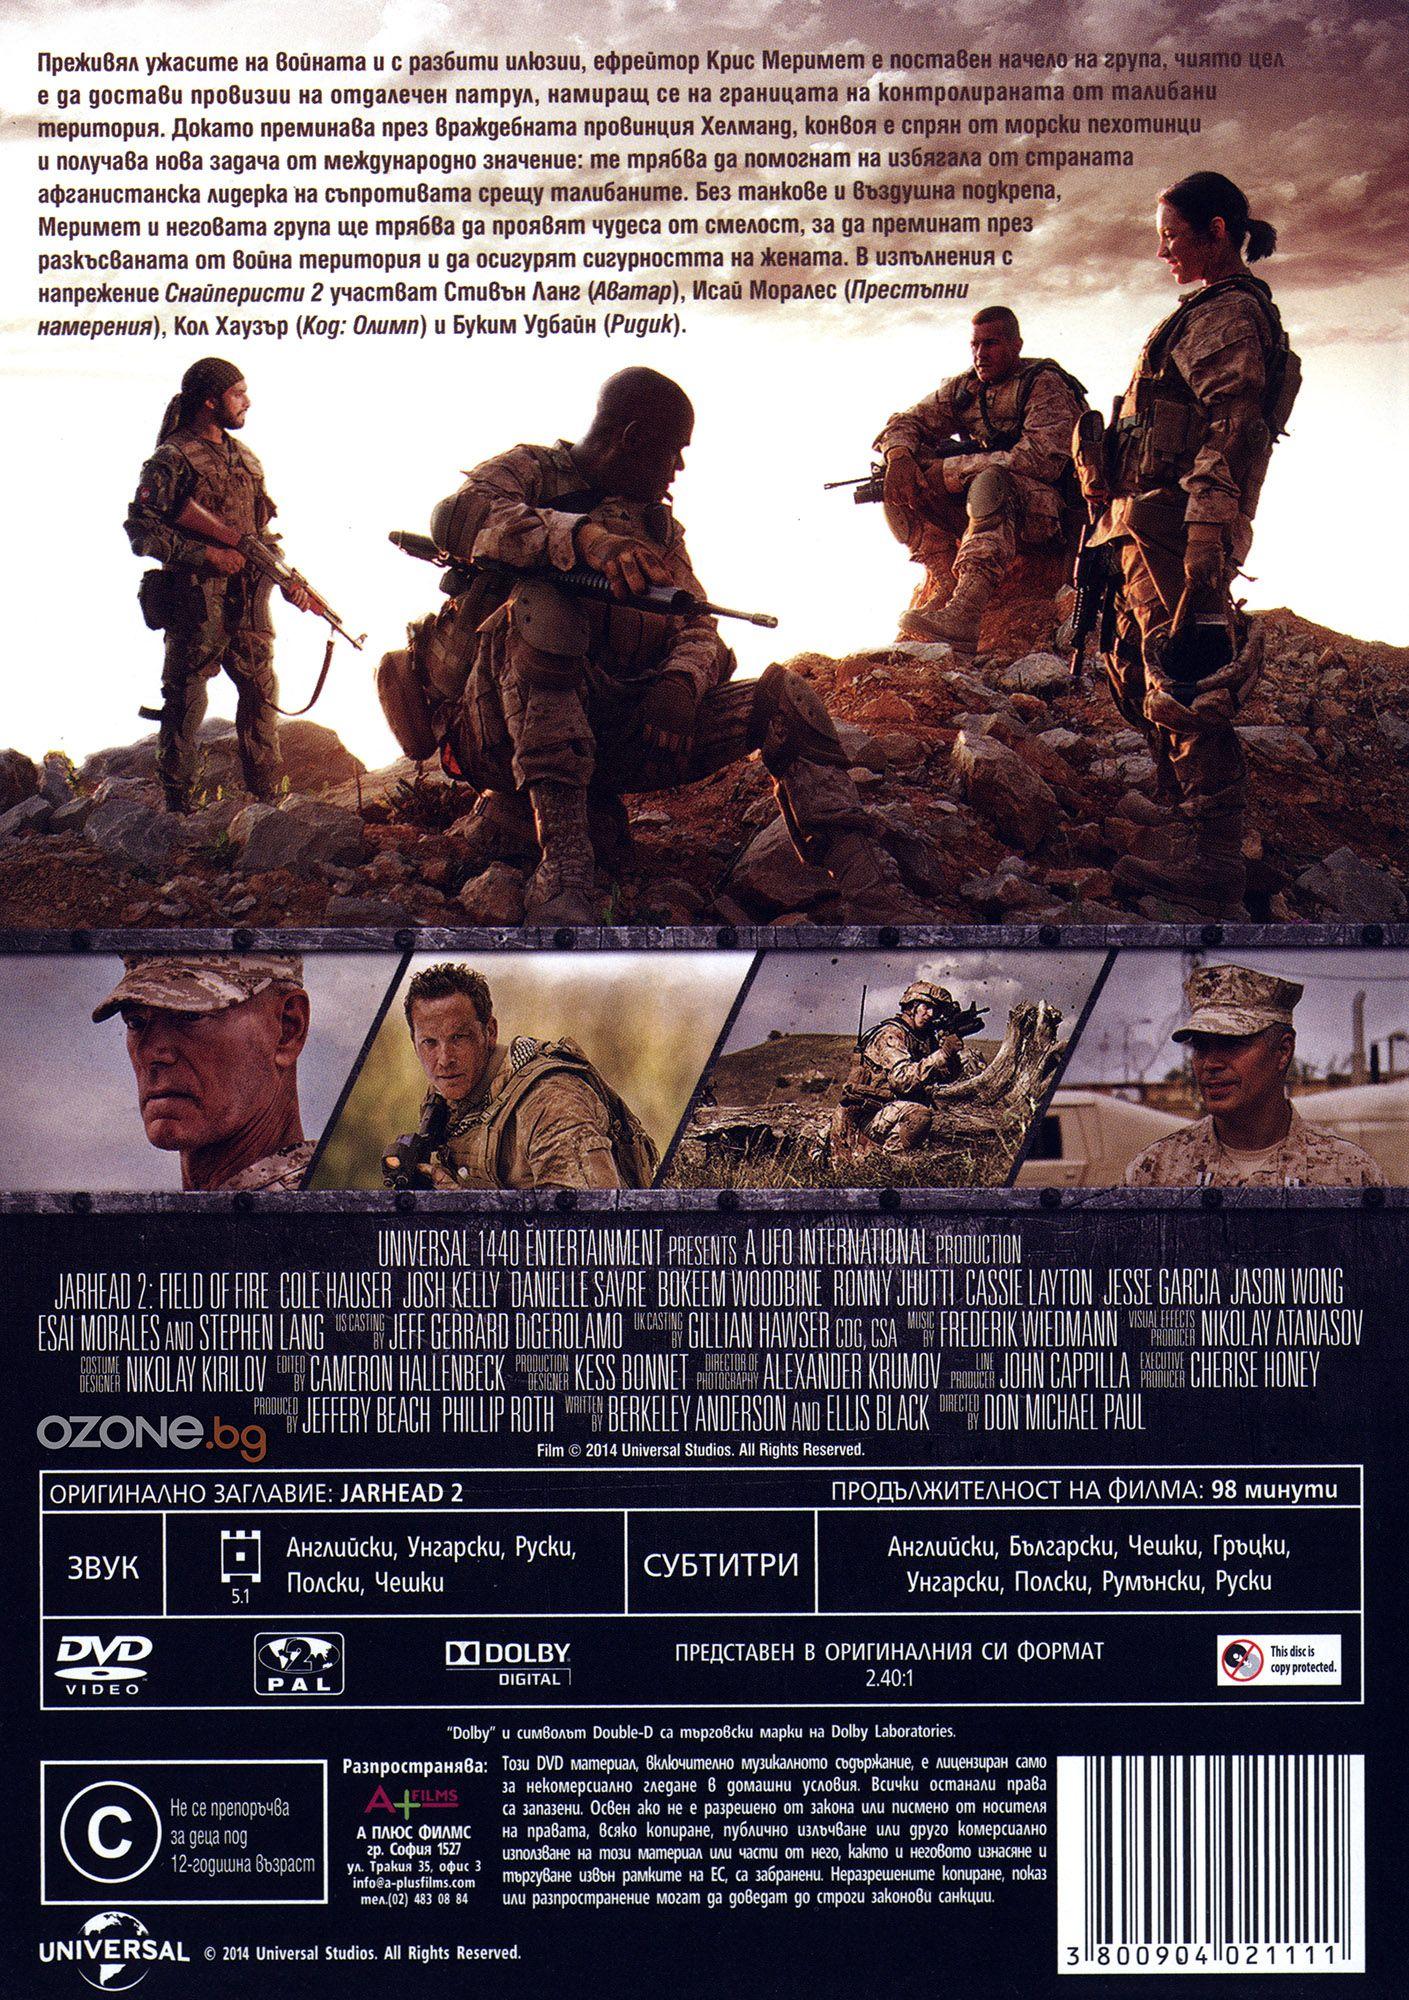 Снайперисти 2 (DVD) - 3